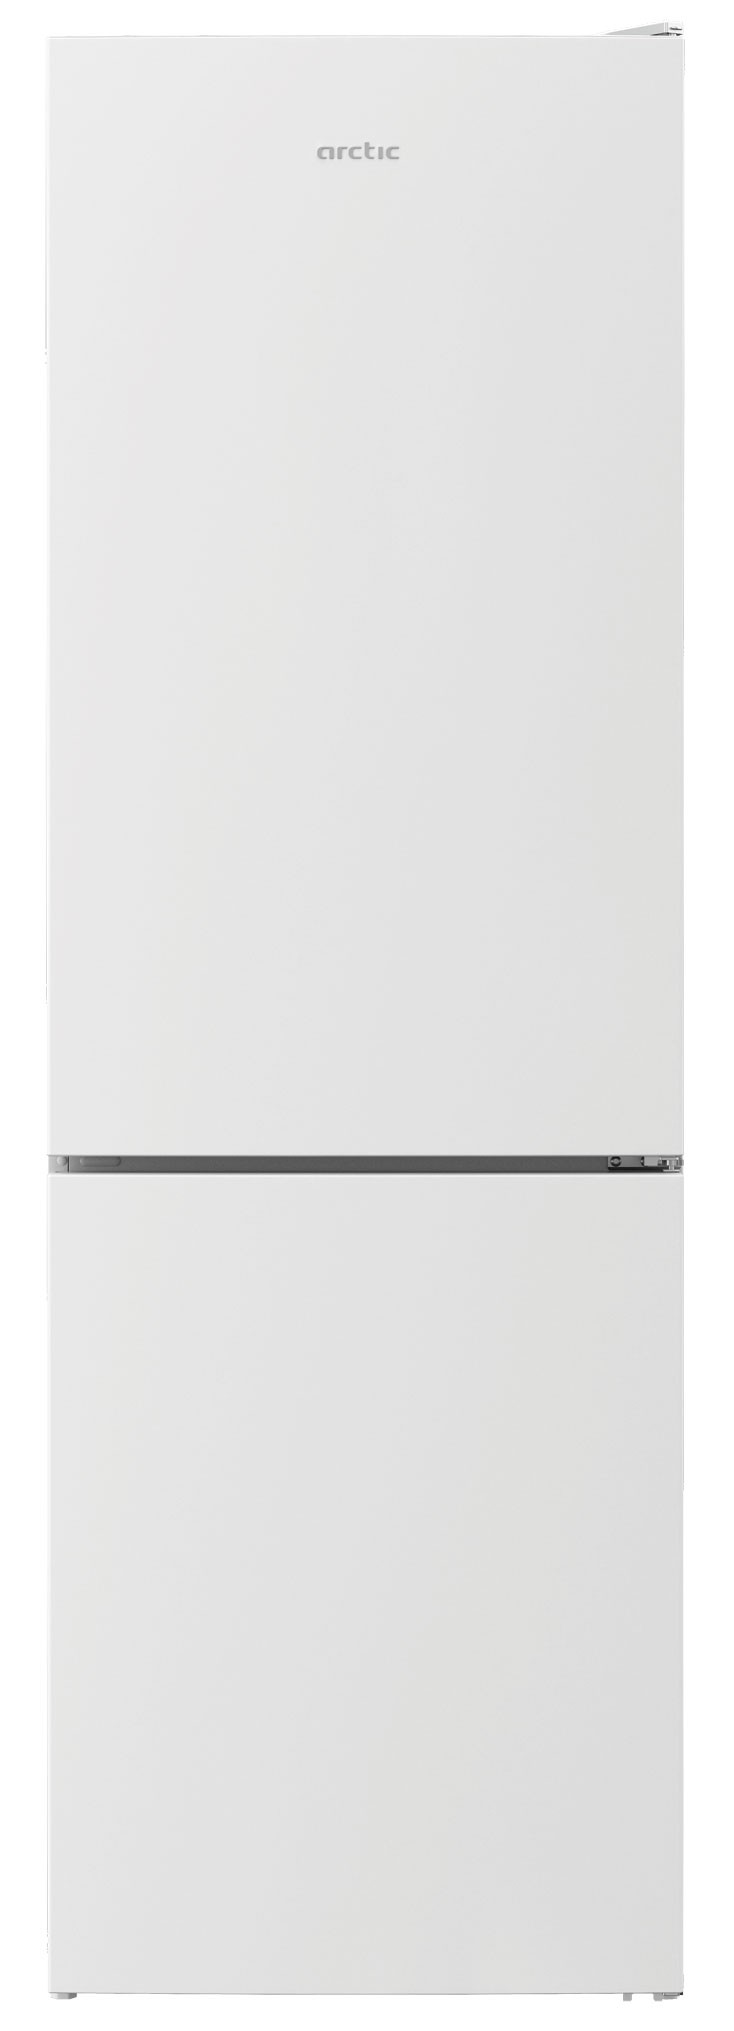 Combina frigorifica, Arctic, AK60366NF++, 2.4 kW, 366 l, Clasa A++, Alb, H 186  cm